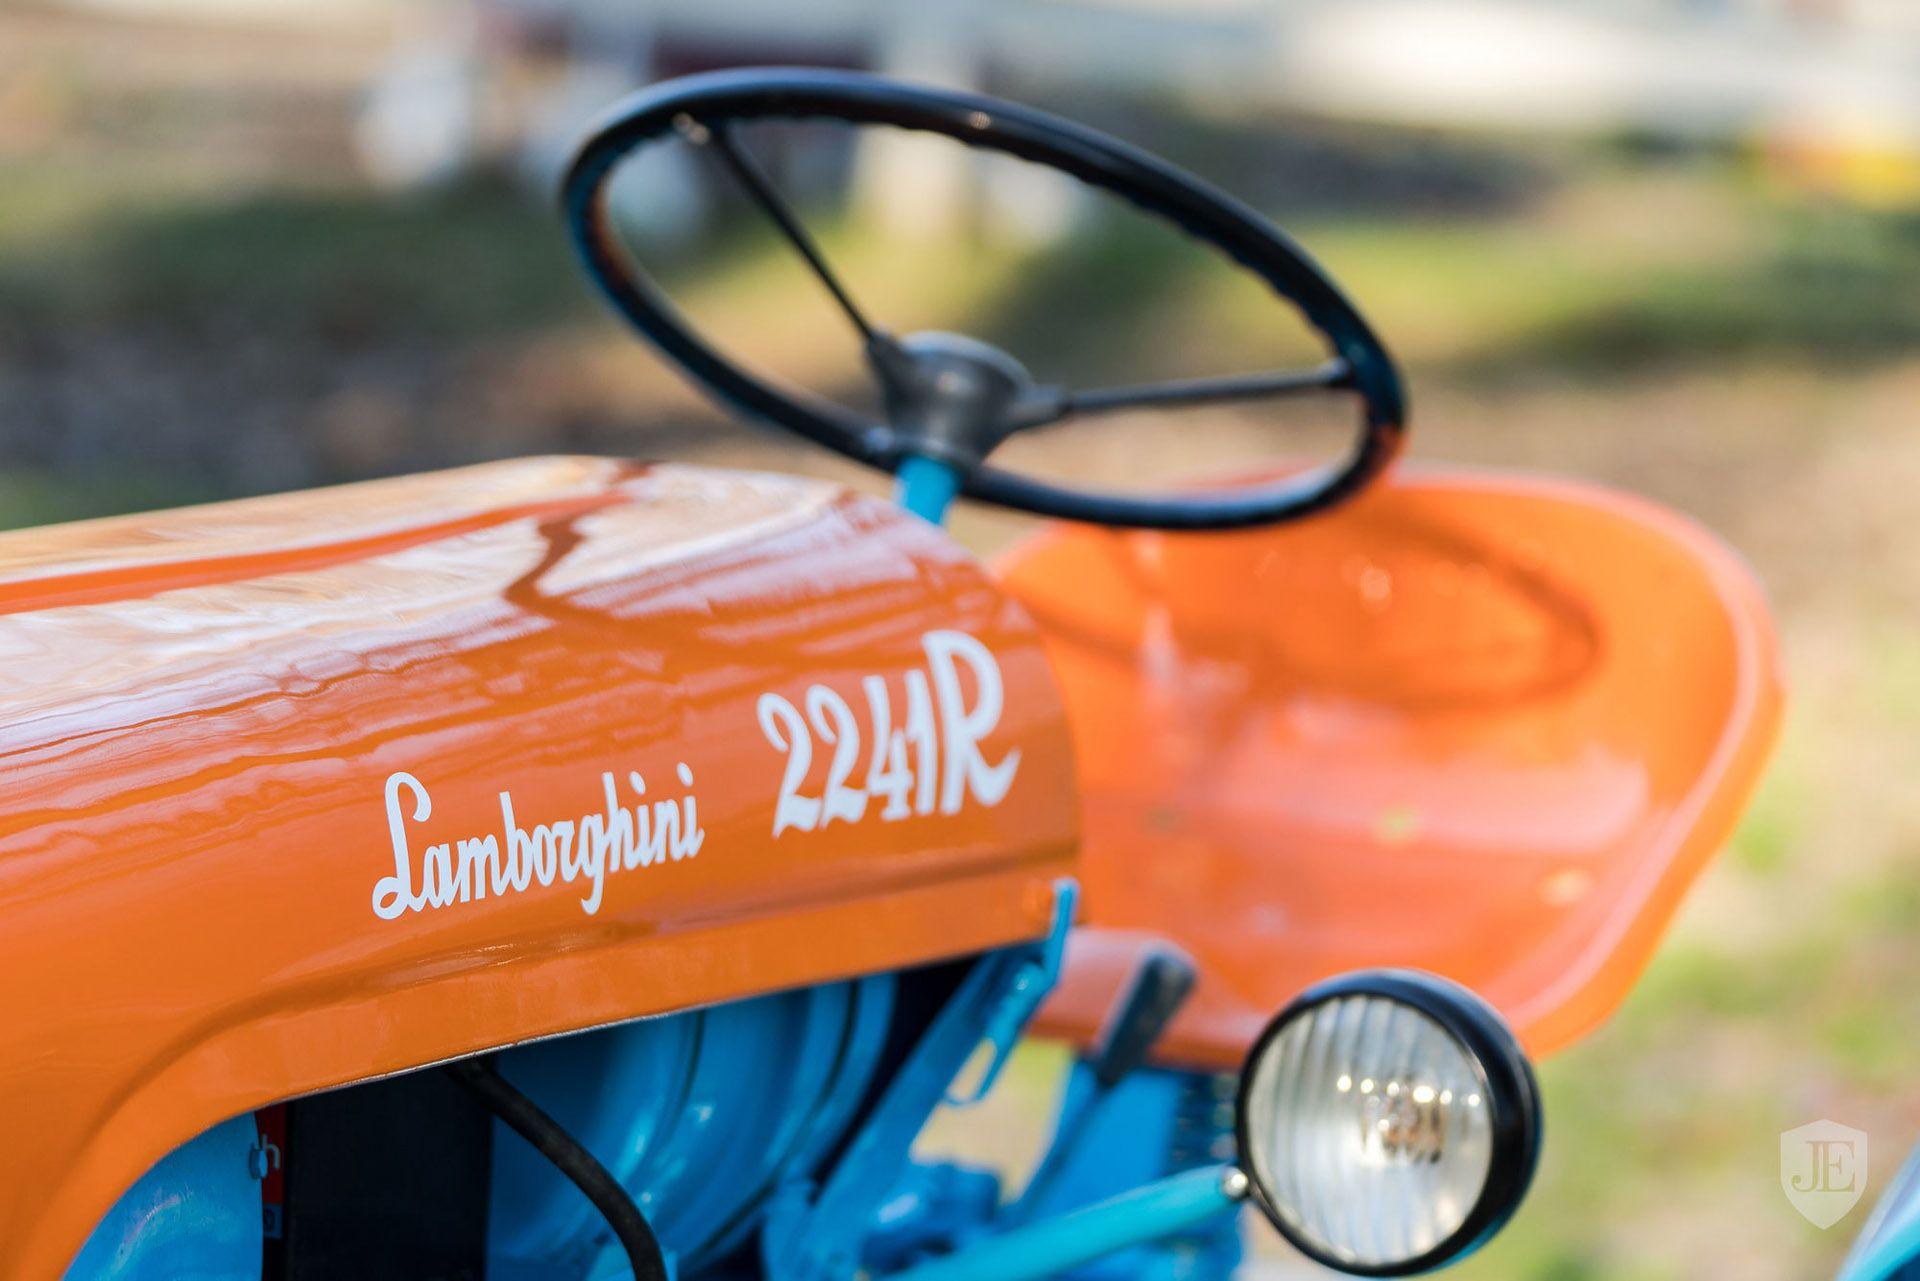 Lamborghini 2241R tractor 1960 (2)